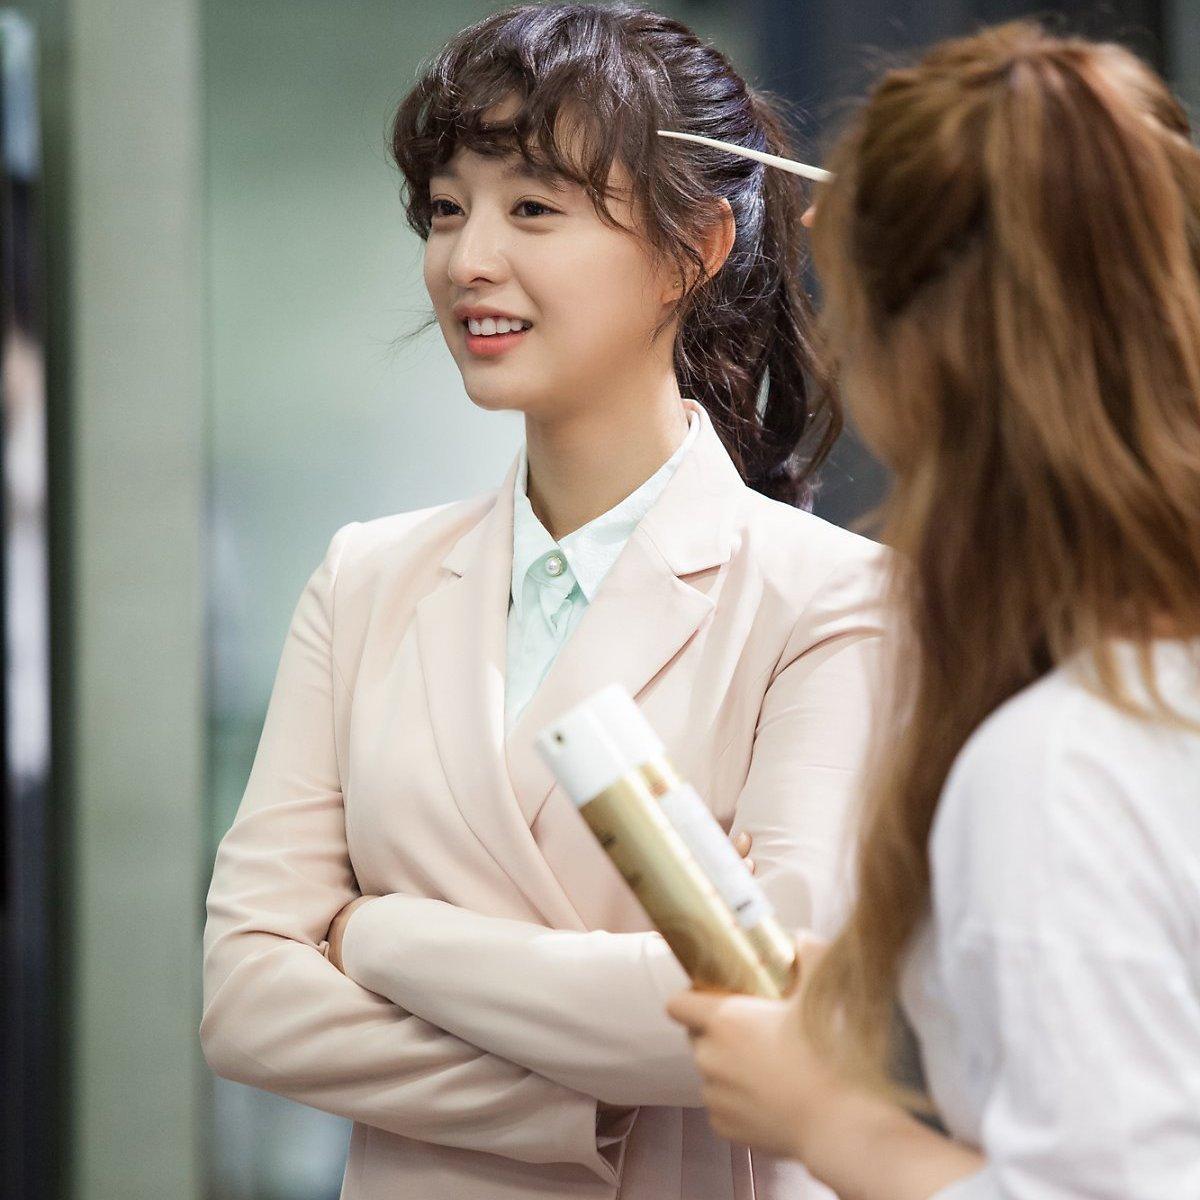 韓劇女主角都穿了 金智媛、Krystal把西裝搭得甜美又霸氣 class=